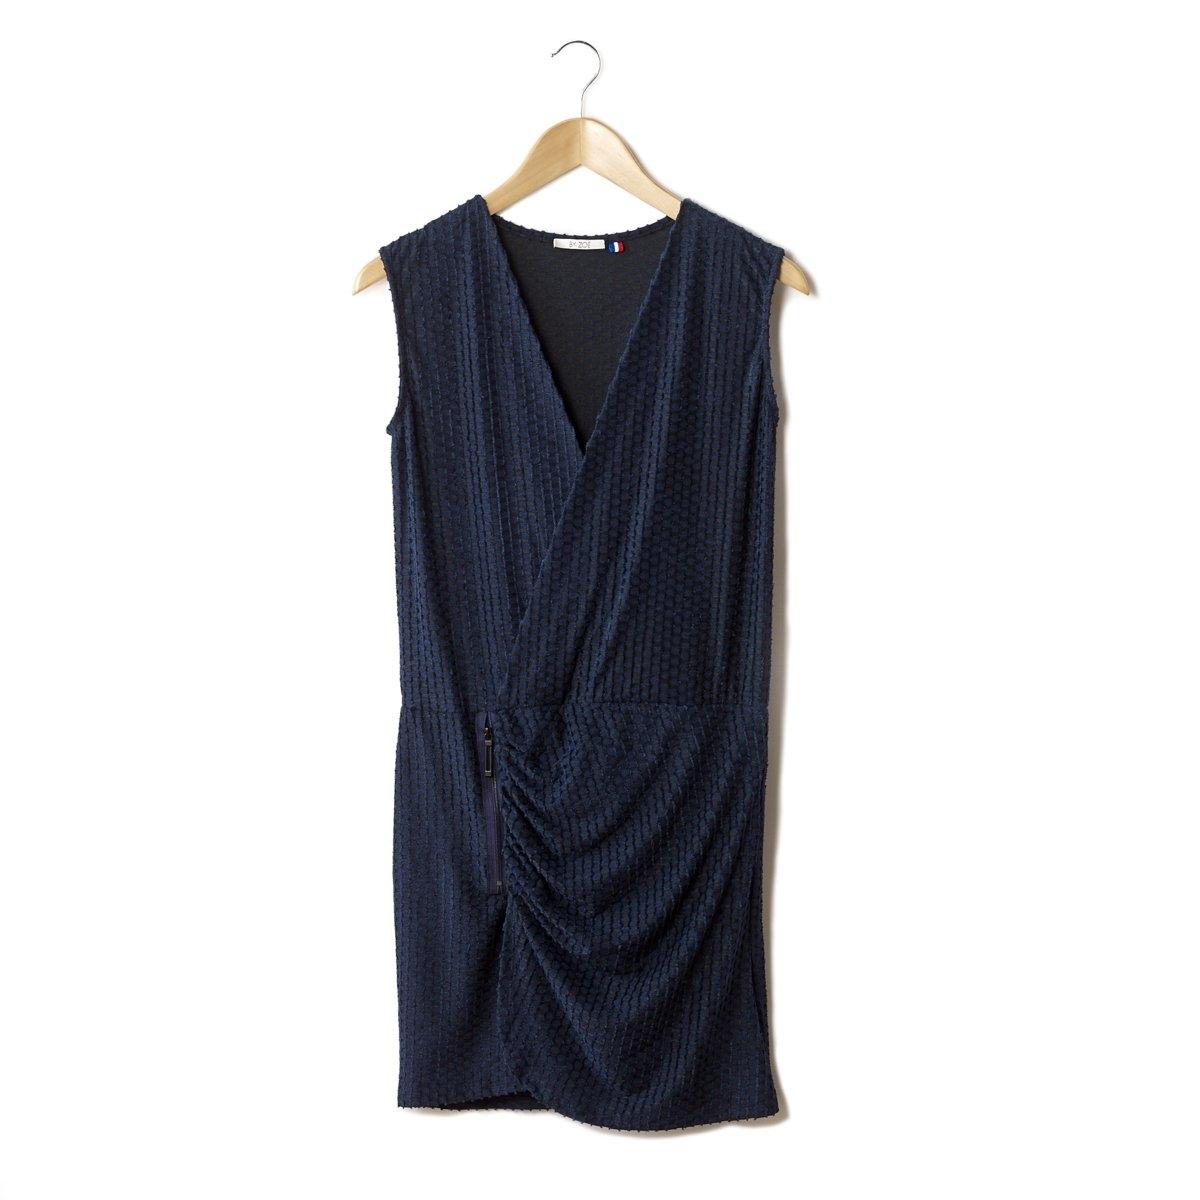 ПлатьеПлатье BY ZOE - 55% вискозы, 29% полиамида, 16% эластана. Эффект запаха. Собрано на поясе. Без рукавов. Слегка закругленный низ и эффект запаха. Длина ок. 88 см.<br><br>Цвет: синий<br>Размер: 36 (FR) - 42 (RUS)